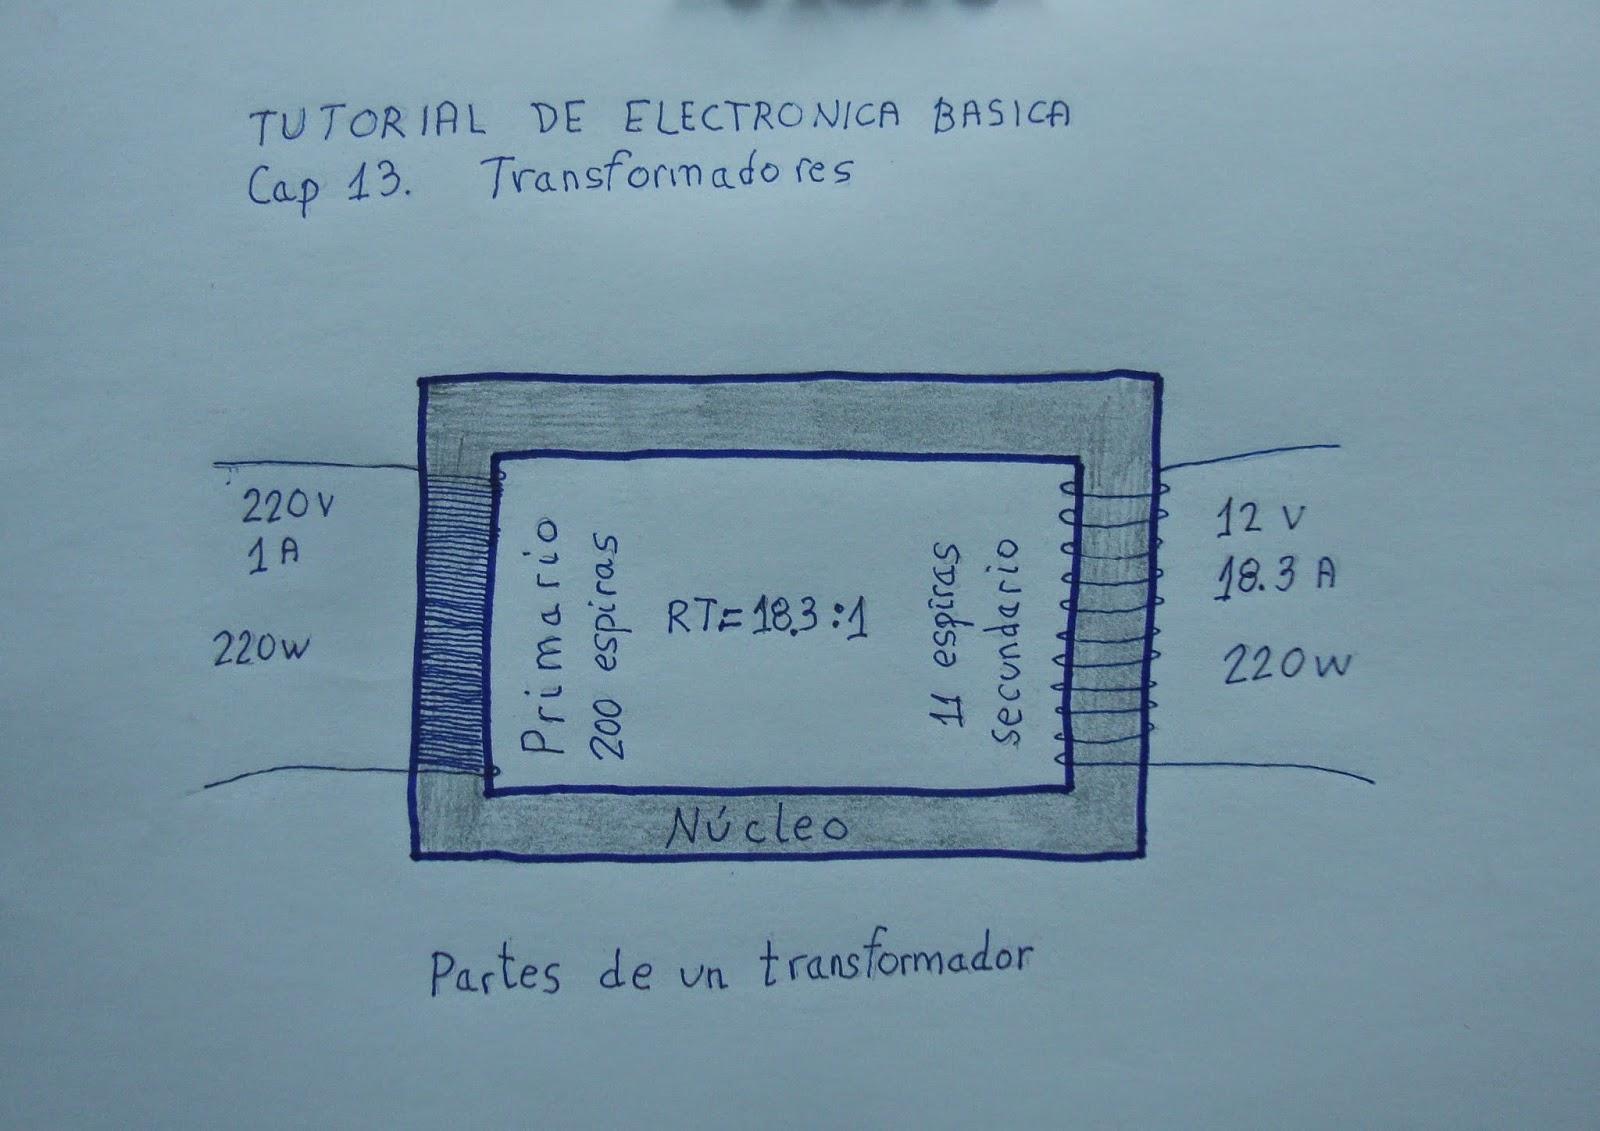 Ciencia inventos y experimentos en casa tutorial for Transformadores de corriente 220v a 12v